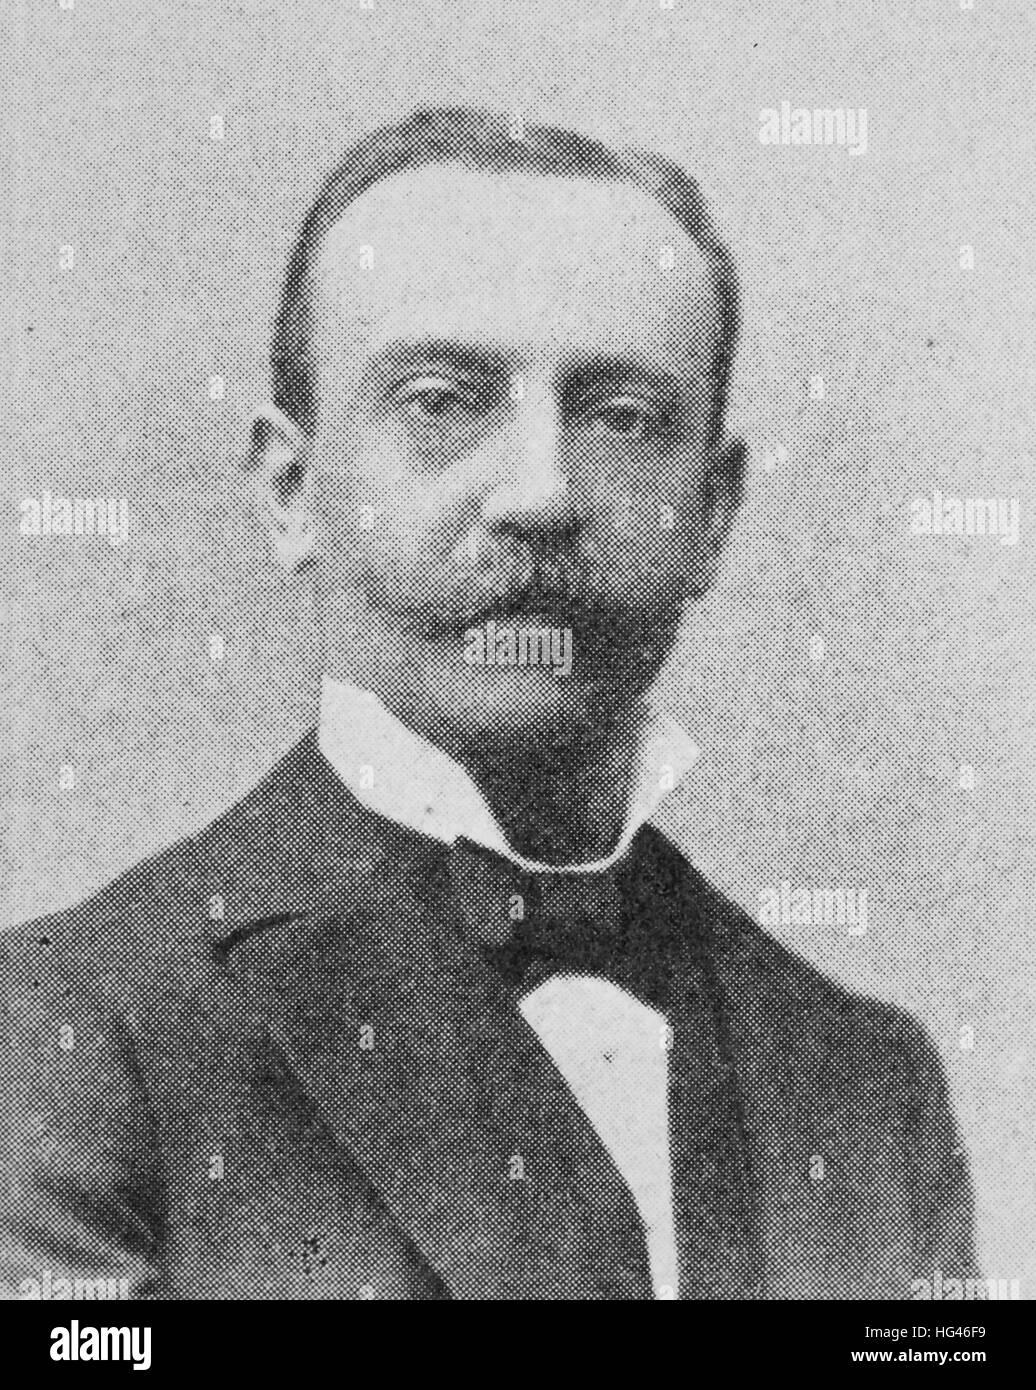 Reinhold Krohn, Born November 25, 1852; Died June 29, 1932; Full name: Reinhold Friedrich Karl Krohn, was a German - Stock Image